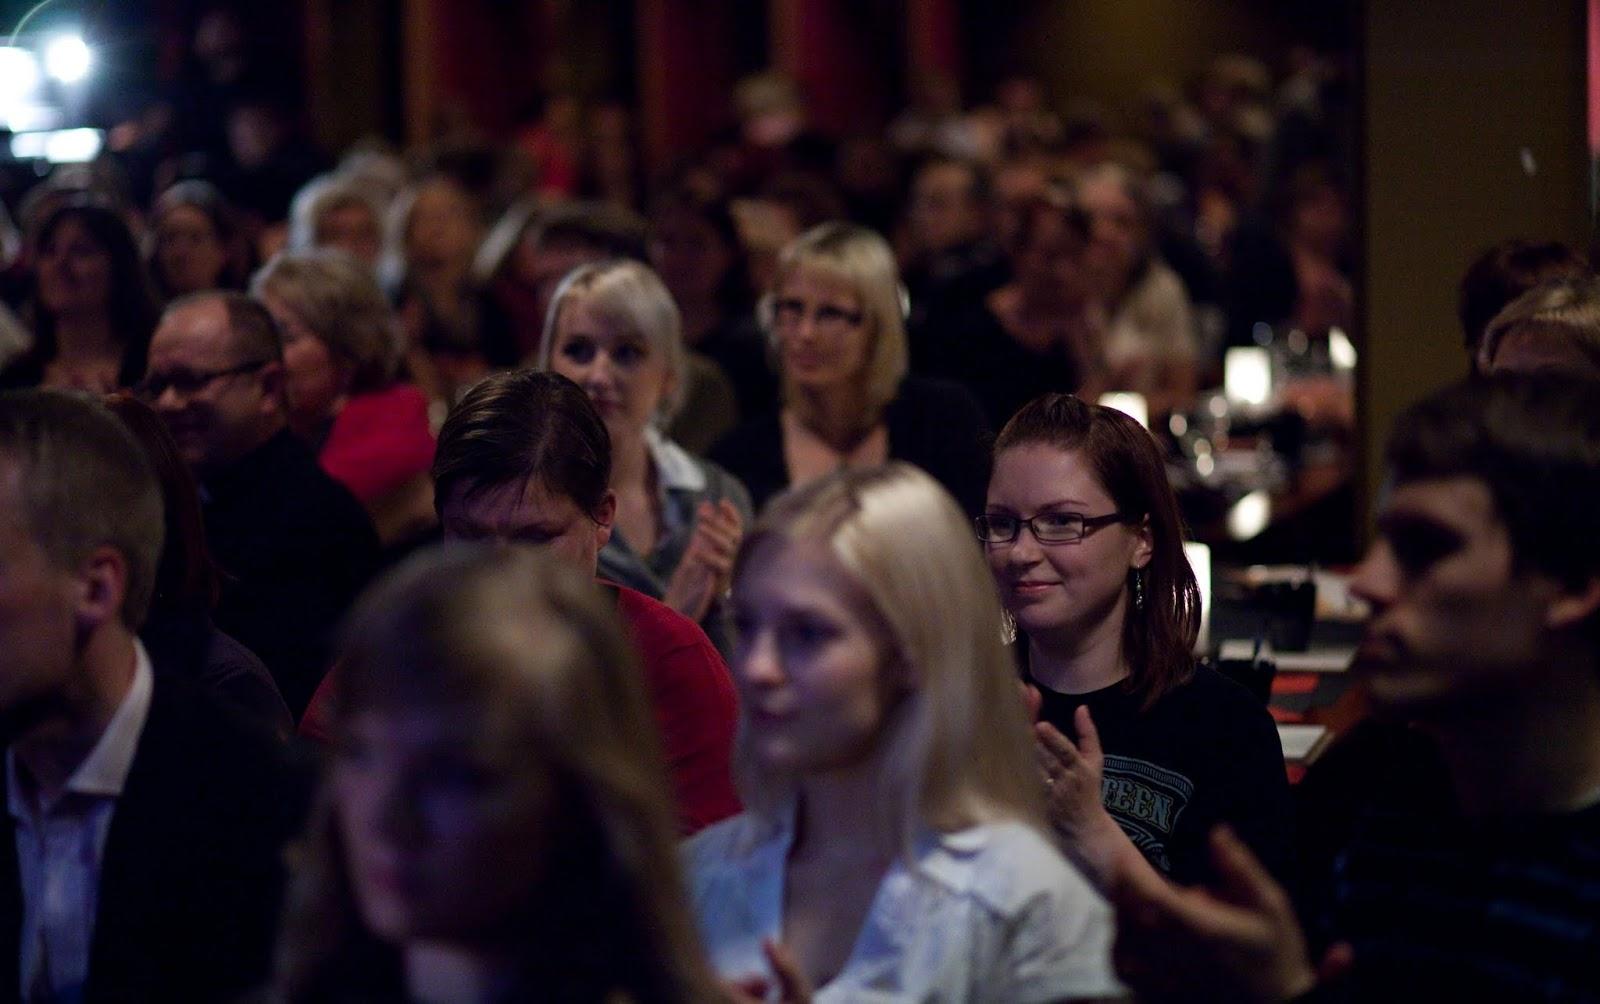 Yleisöllä on lupa nauraa ja itkeä, viihtyä ja vaikuttua - myös samassa illassa.